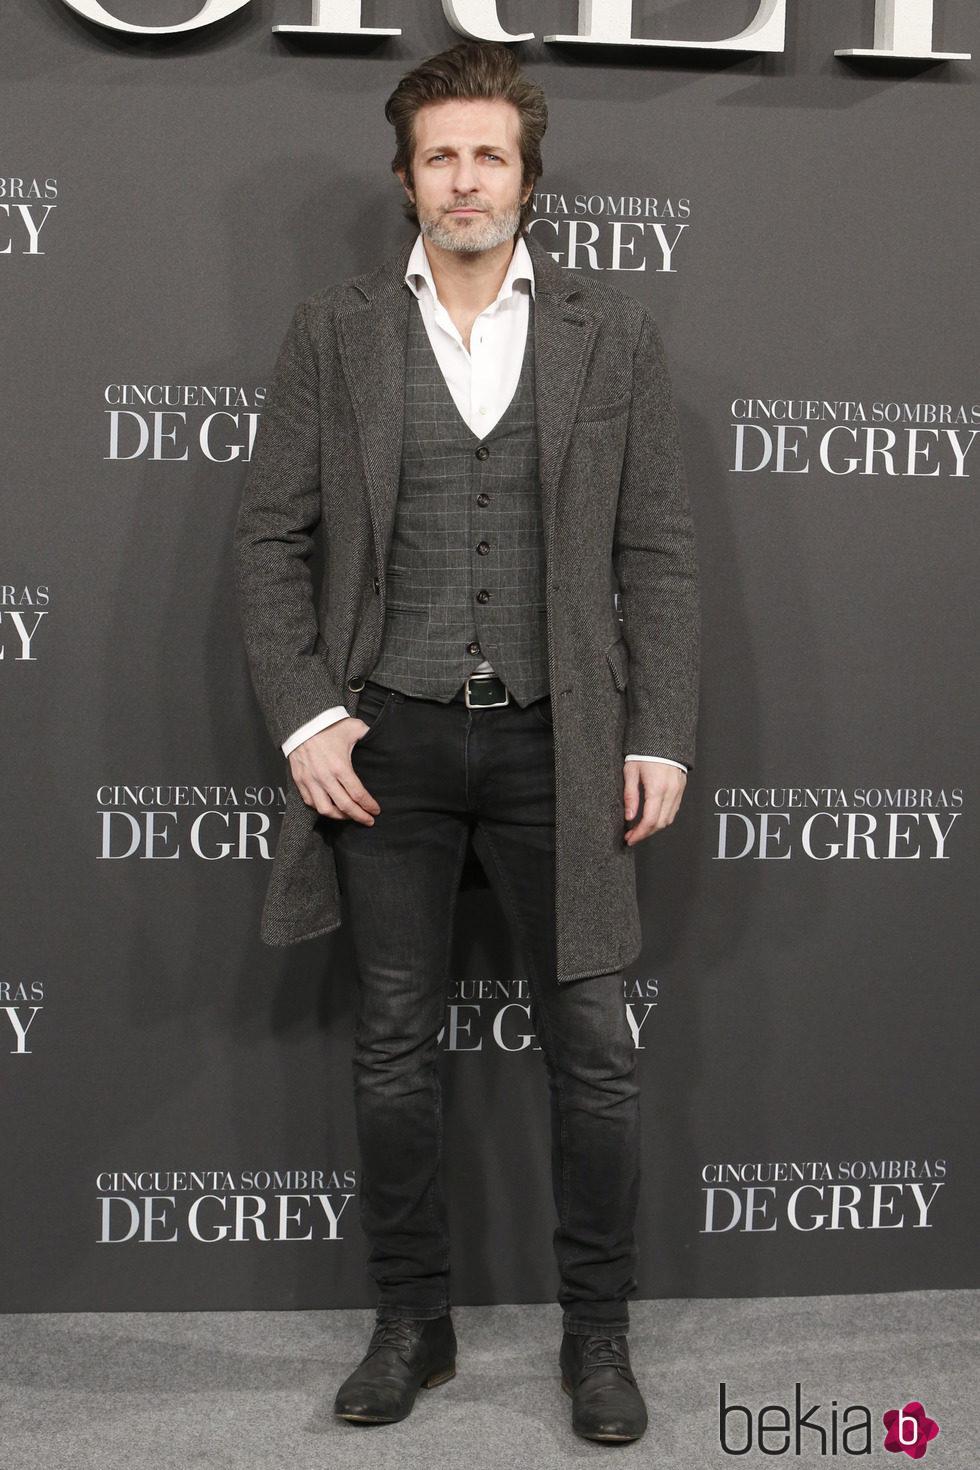 Jesús Olmedo en el estreno de 'Cincuenta sombras de Grey' en Madrid